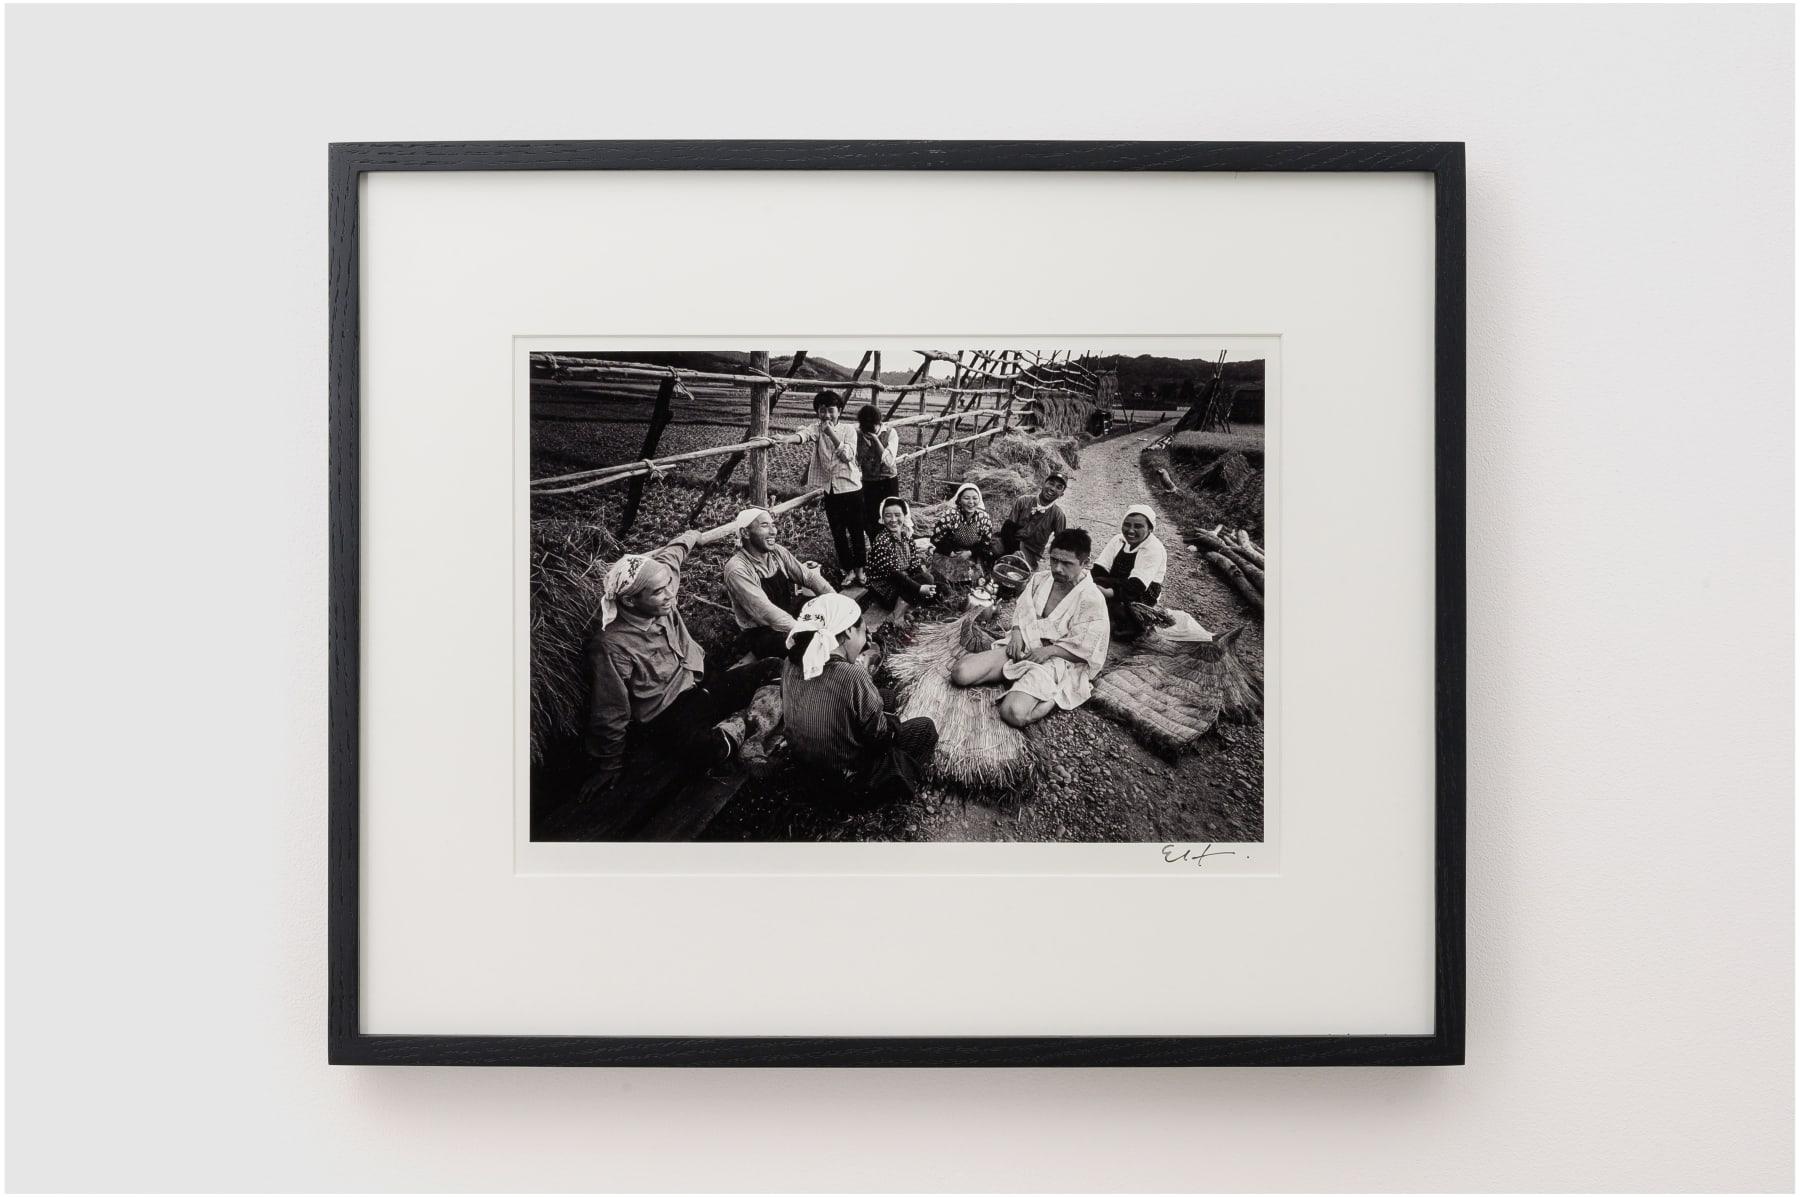 Eikoh Hosoe, Kamaitachi #13, 1965/2014